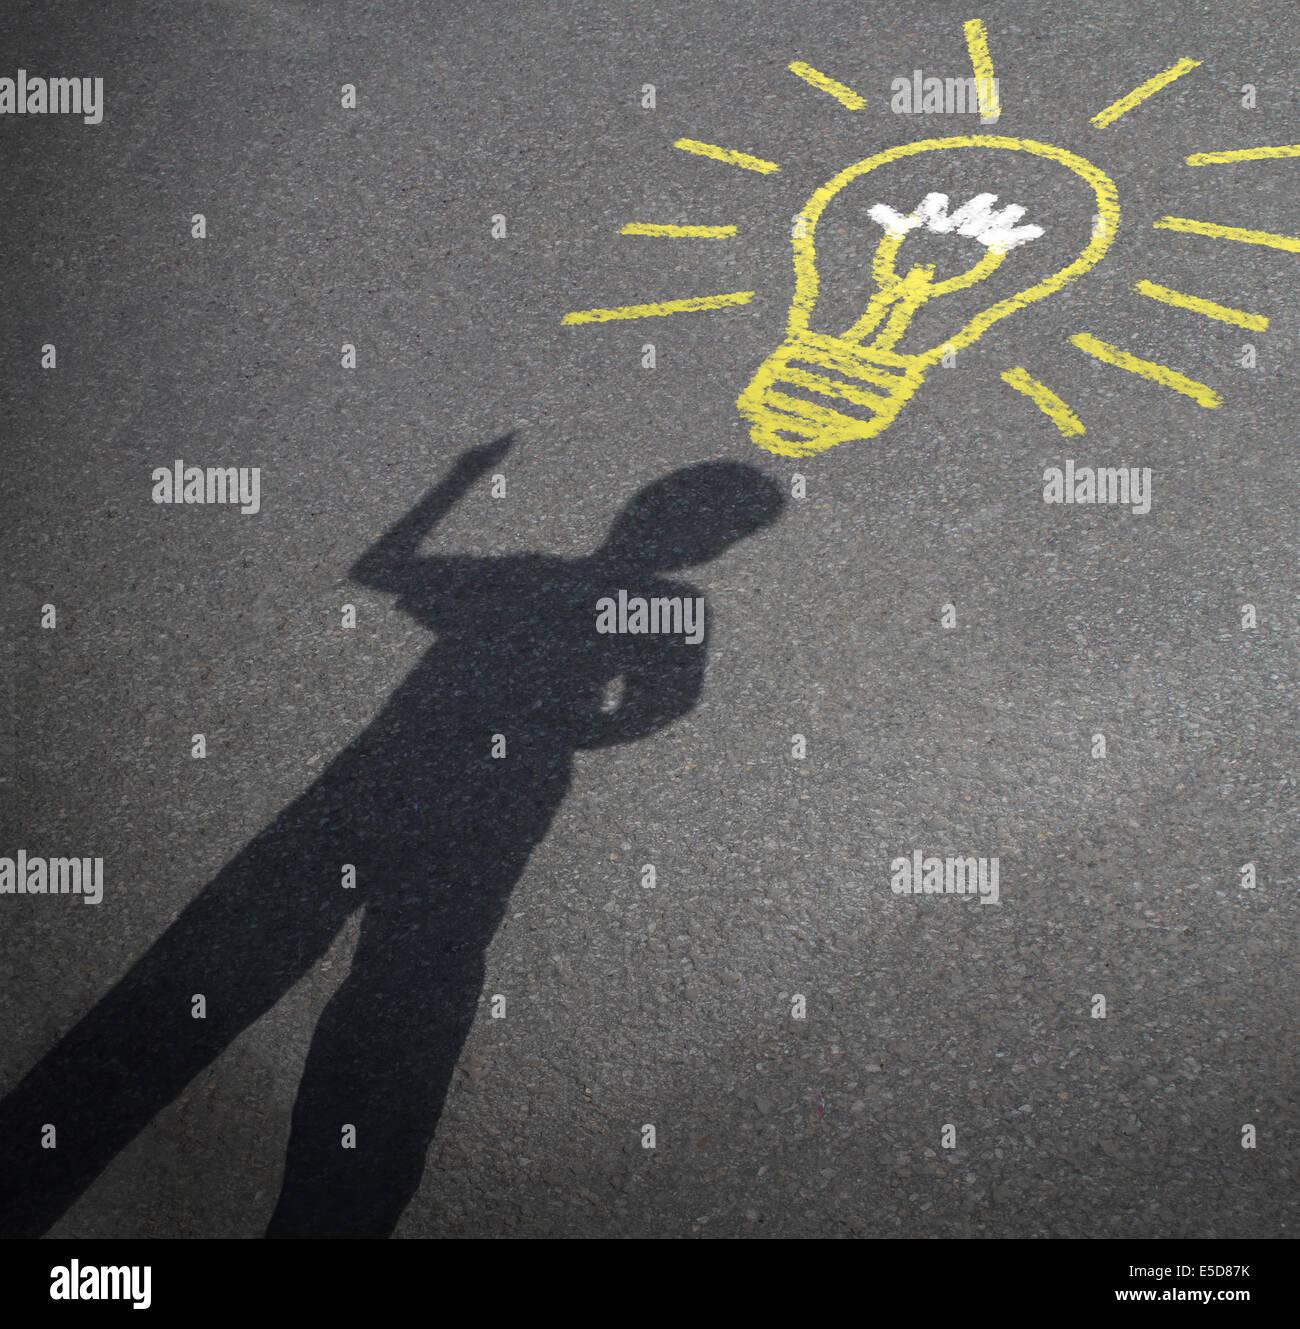 Kindheit Phantasie und Kind Kreativität Konzept wie der Schatten eines inspirierten jungen mit einer Glühbirne Stockbild